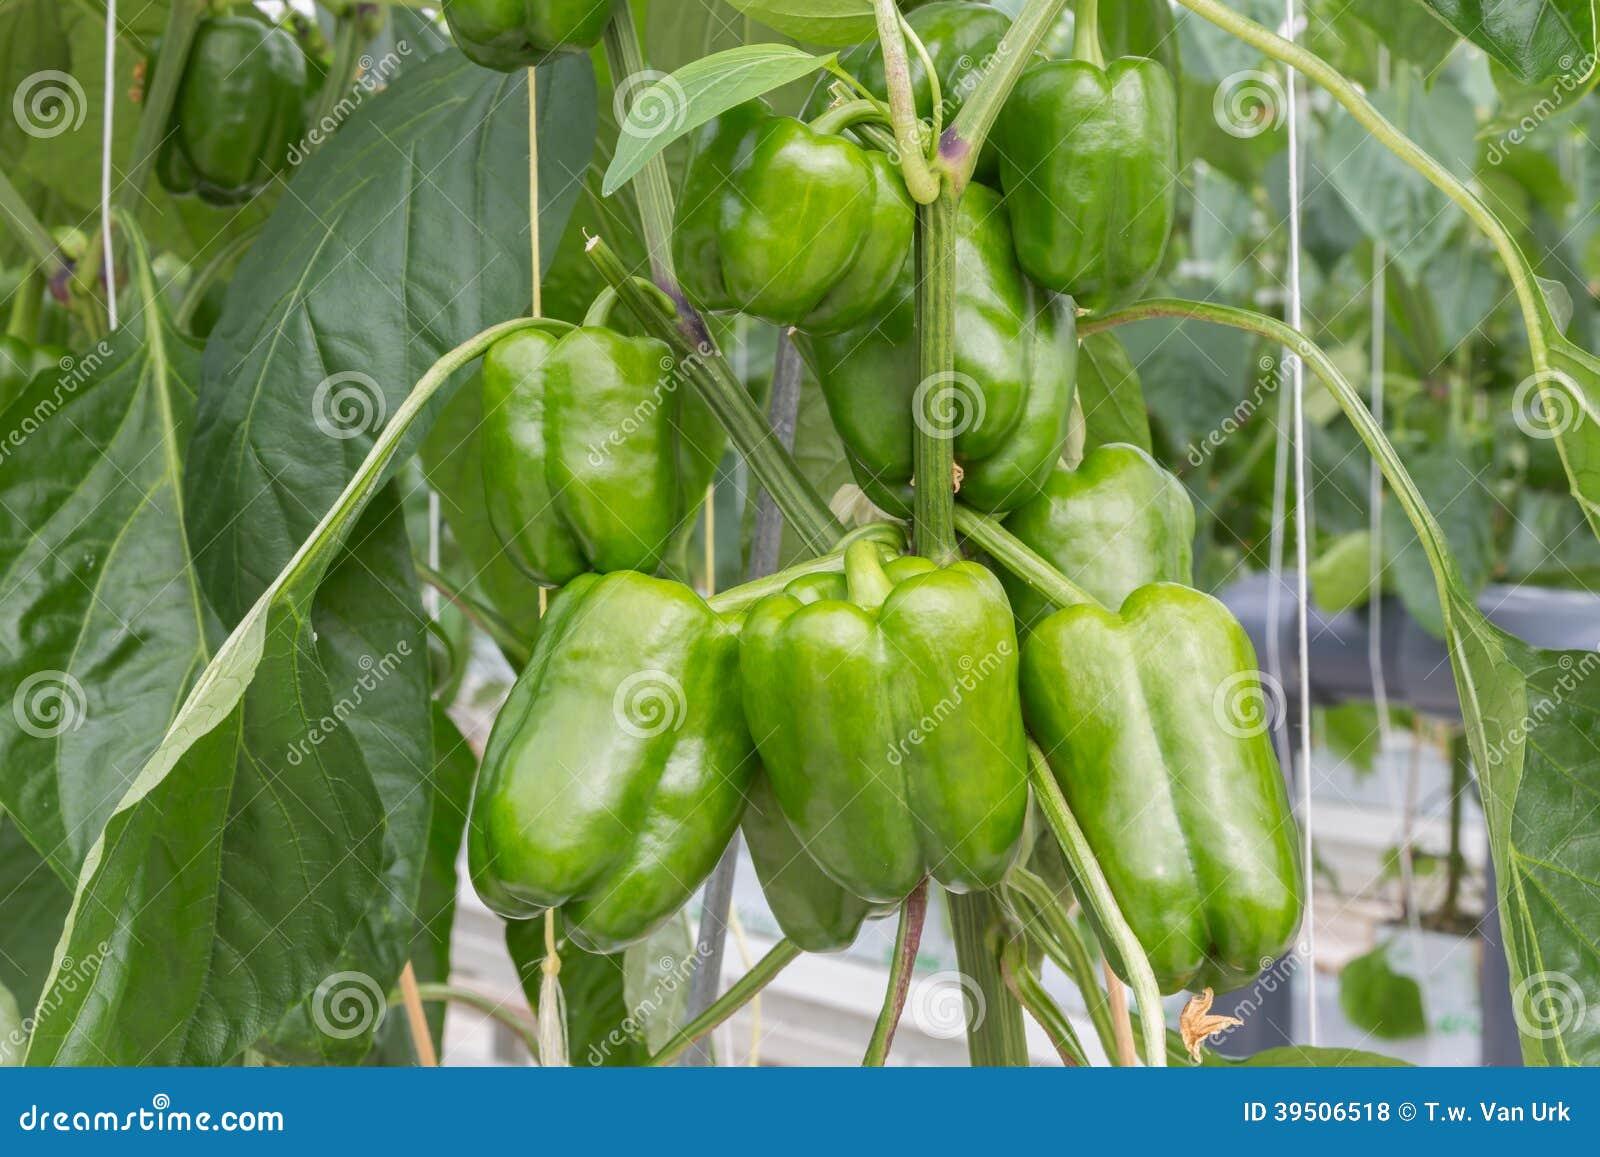 culture des poivrons en serre chaude n erlandaise photo stock image du jardin poivron 39506518. Black Bedroom Furniture Sets. Home Design Ideas